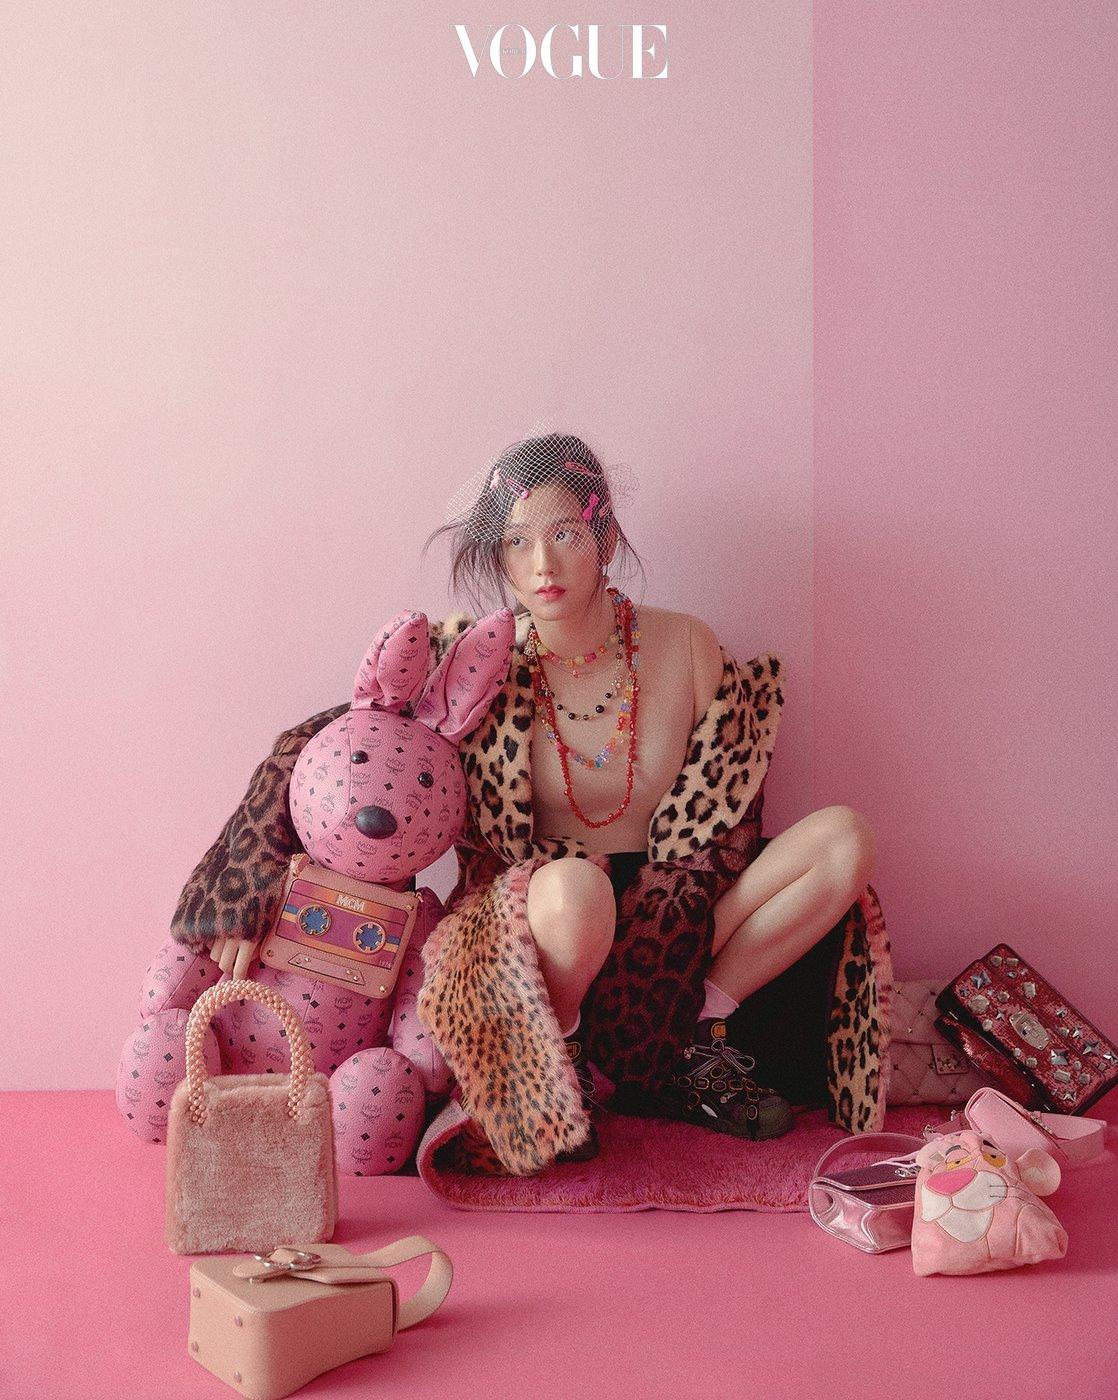 Magazine 180722 Blackpink For Vogue Korea August 2018 Issue